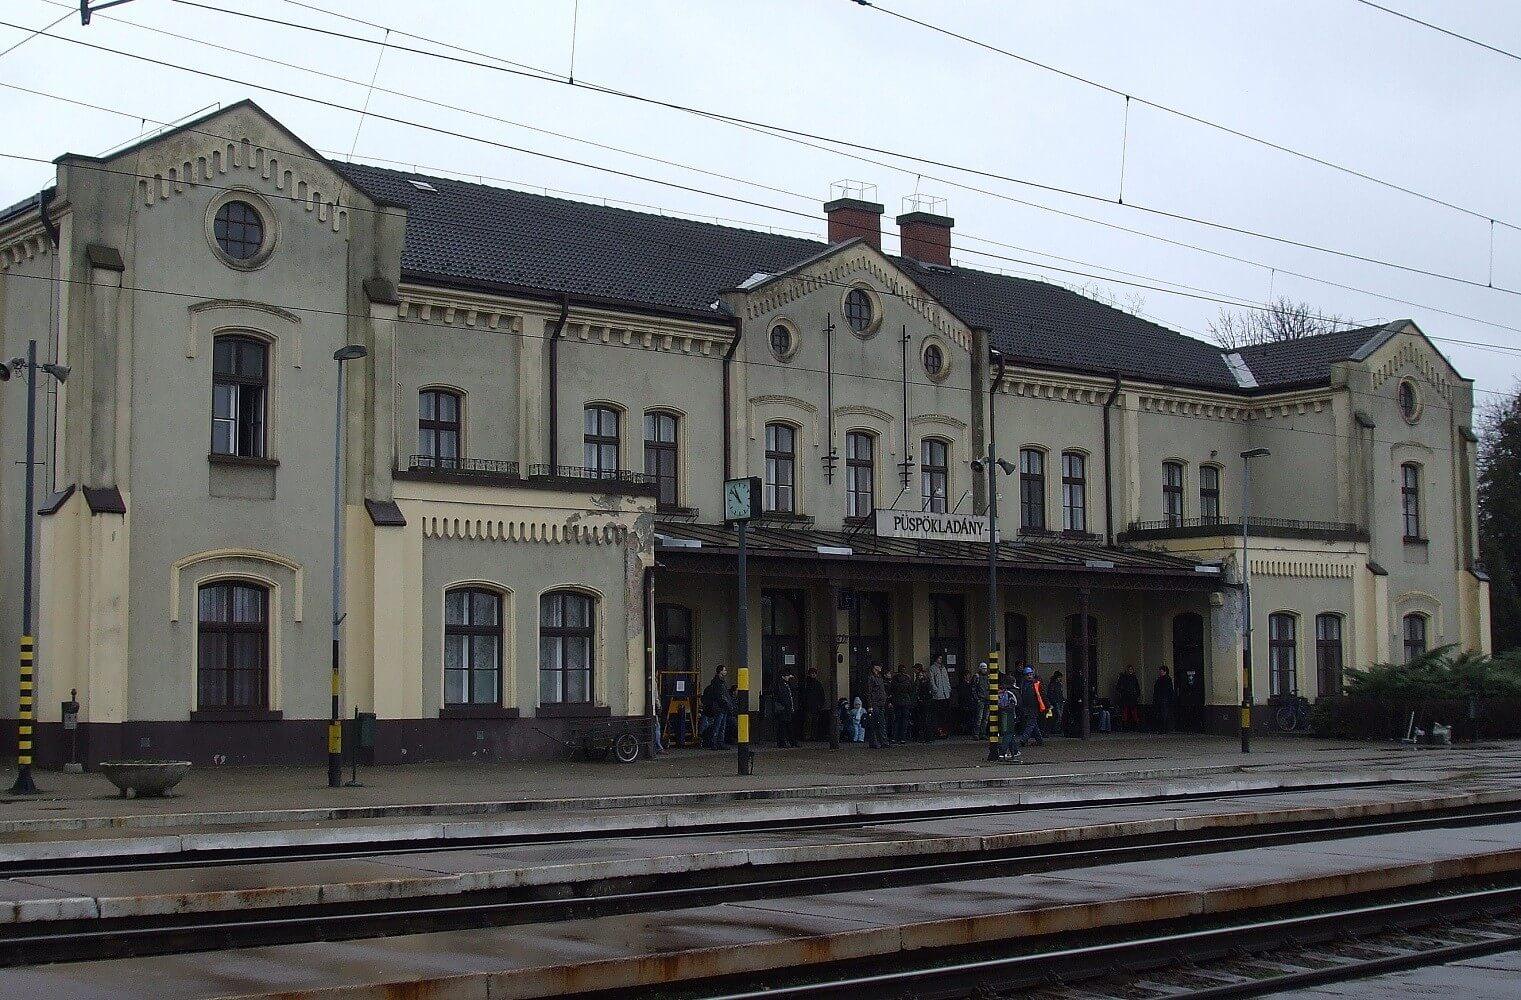 Folytatódik a fővárosból Debrecen felé vezető vasútvonal fejlesztése